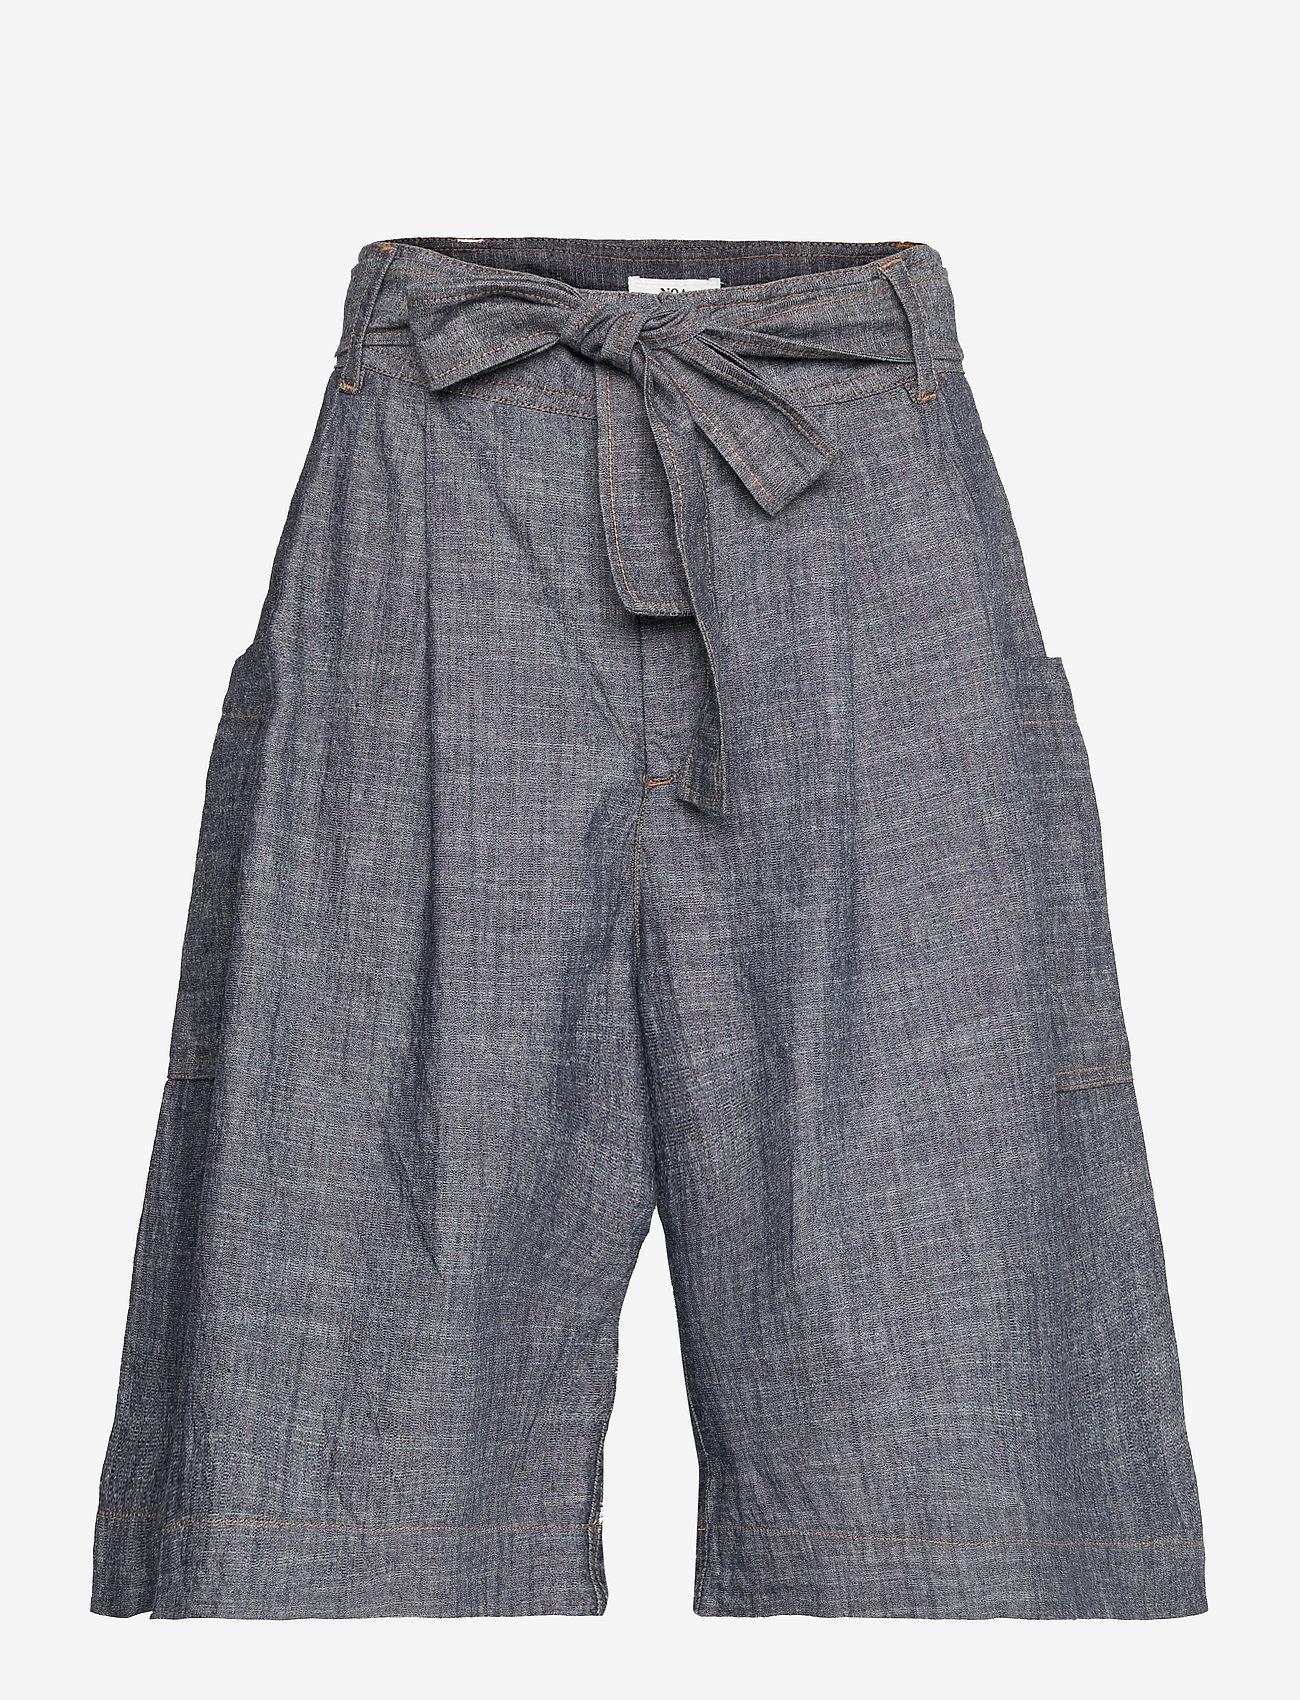 Noa Noa - Shorts - bermudas - denim dark blue - 0